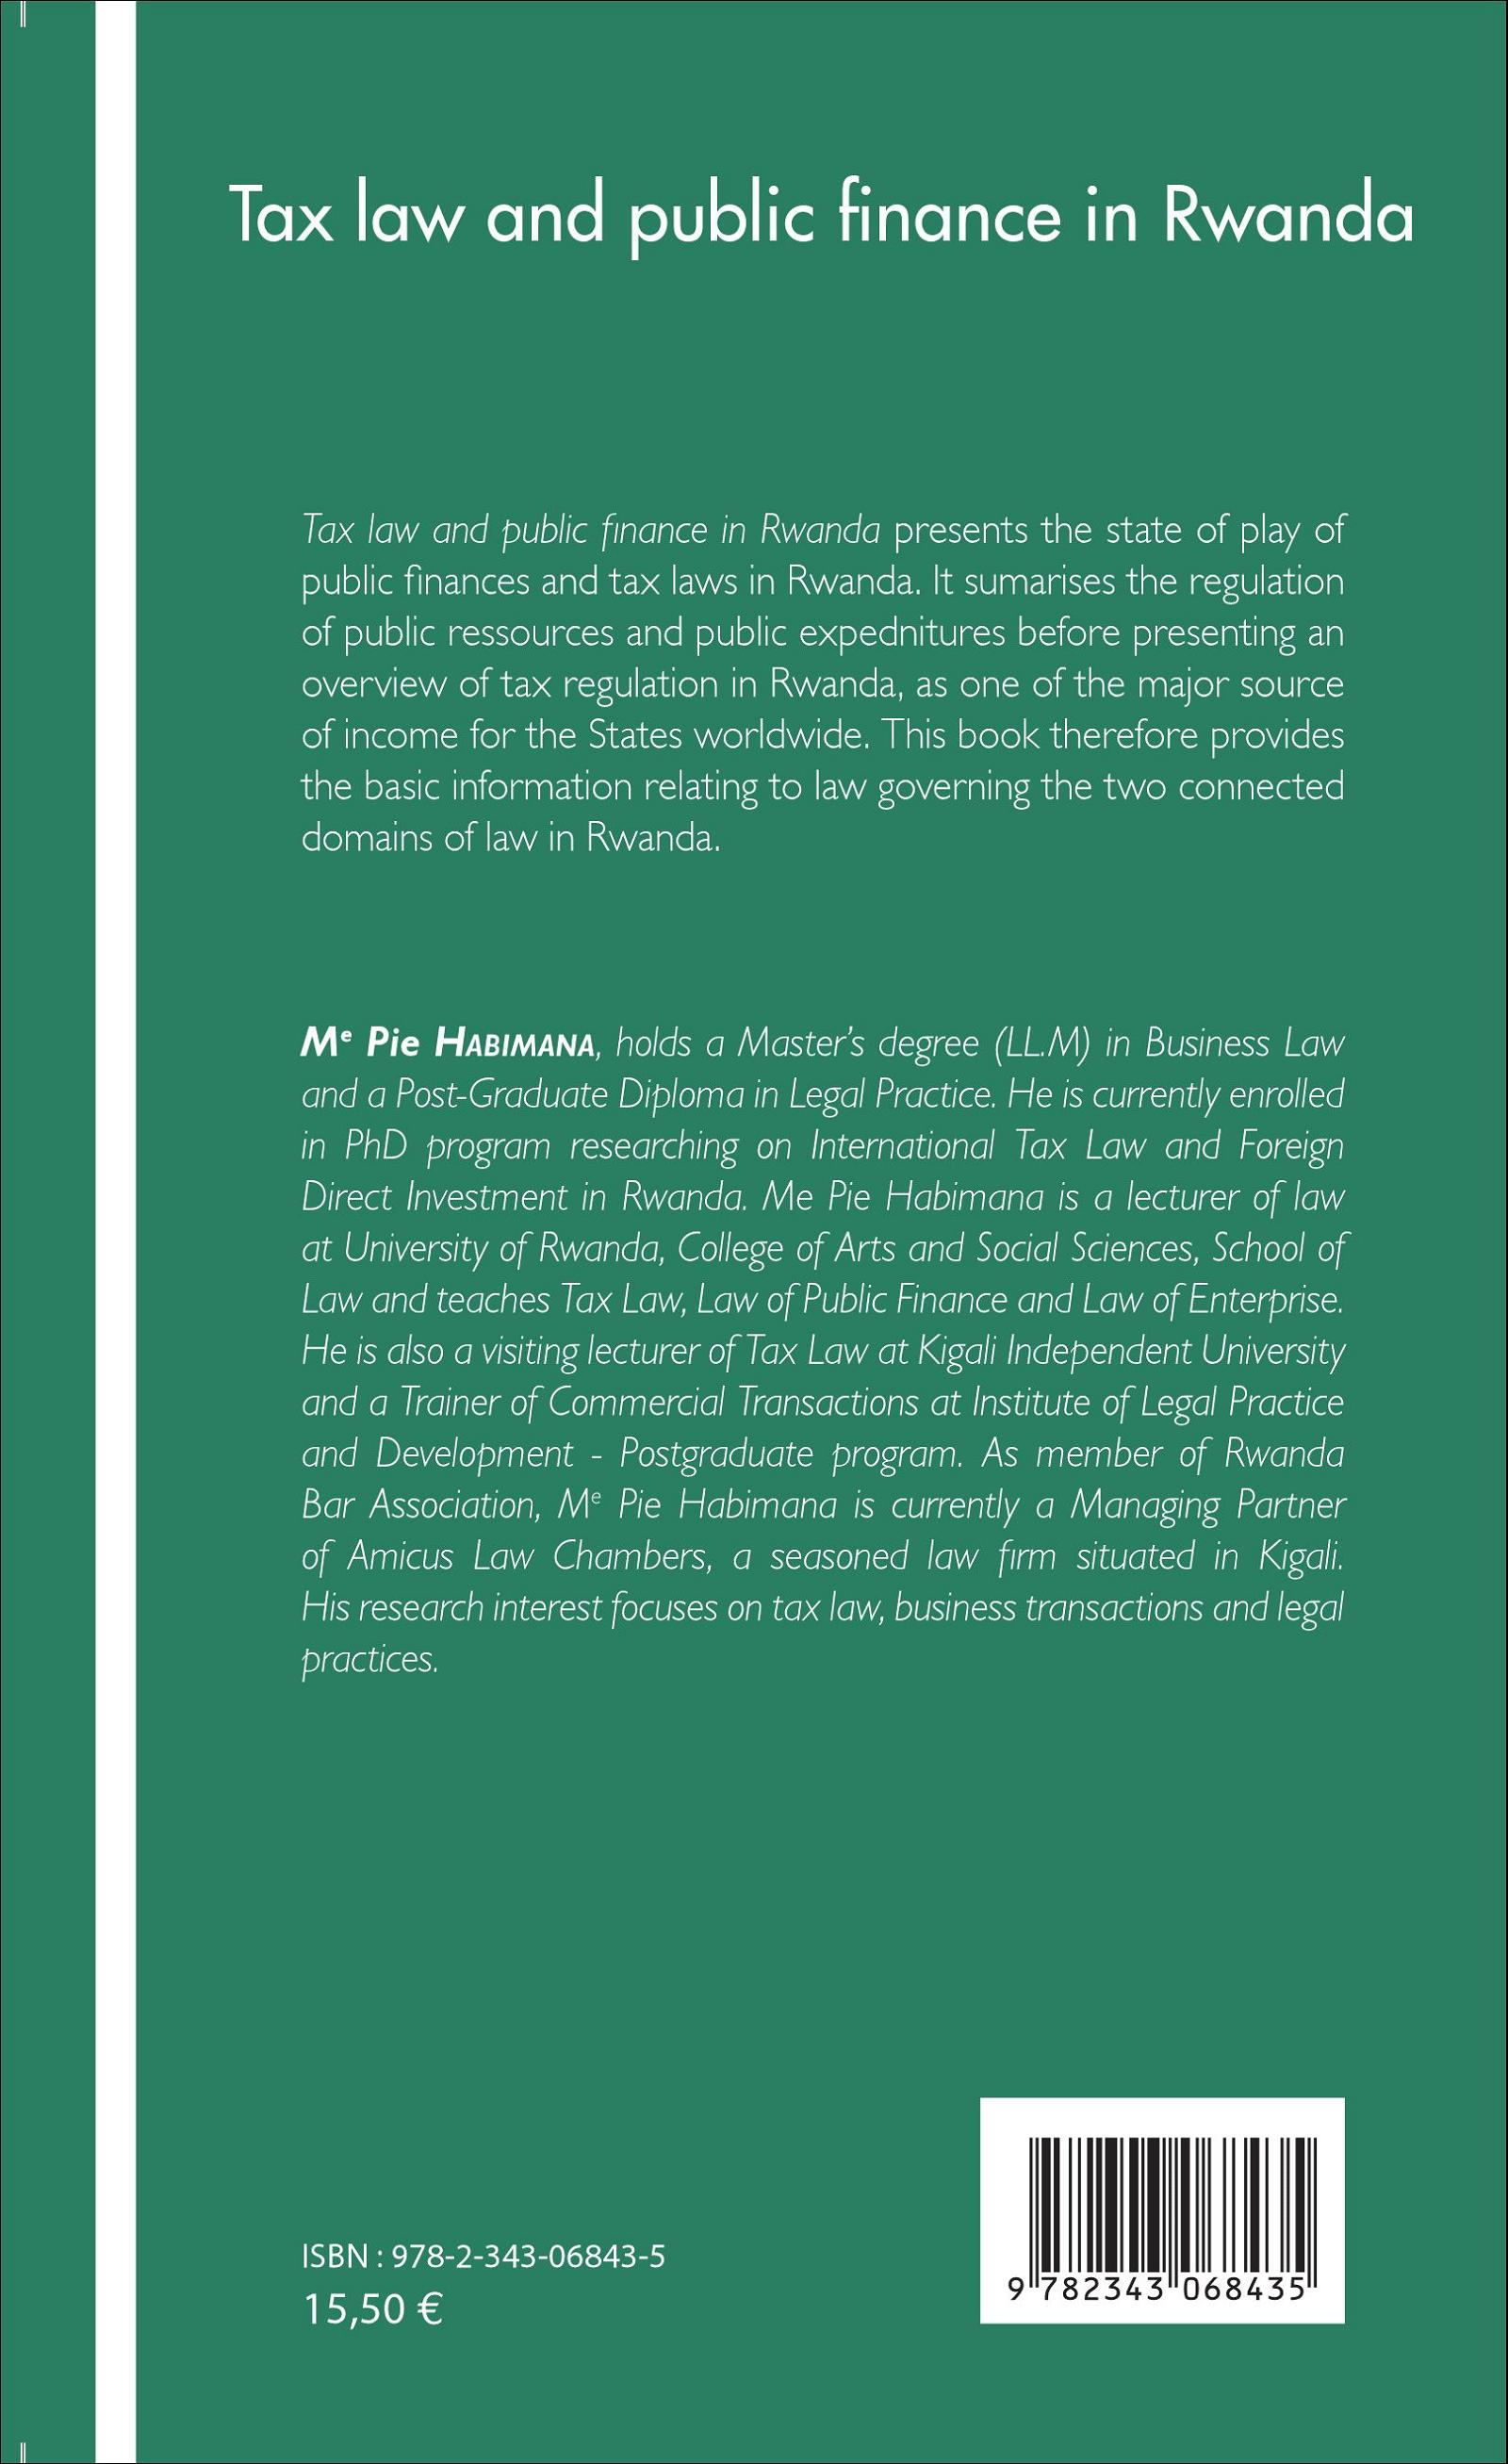 ebook Enciclopedia delle scienze filosofiche in compendio. Filofosia della natura